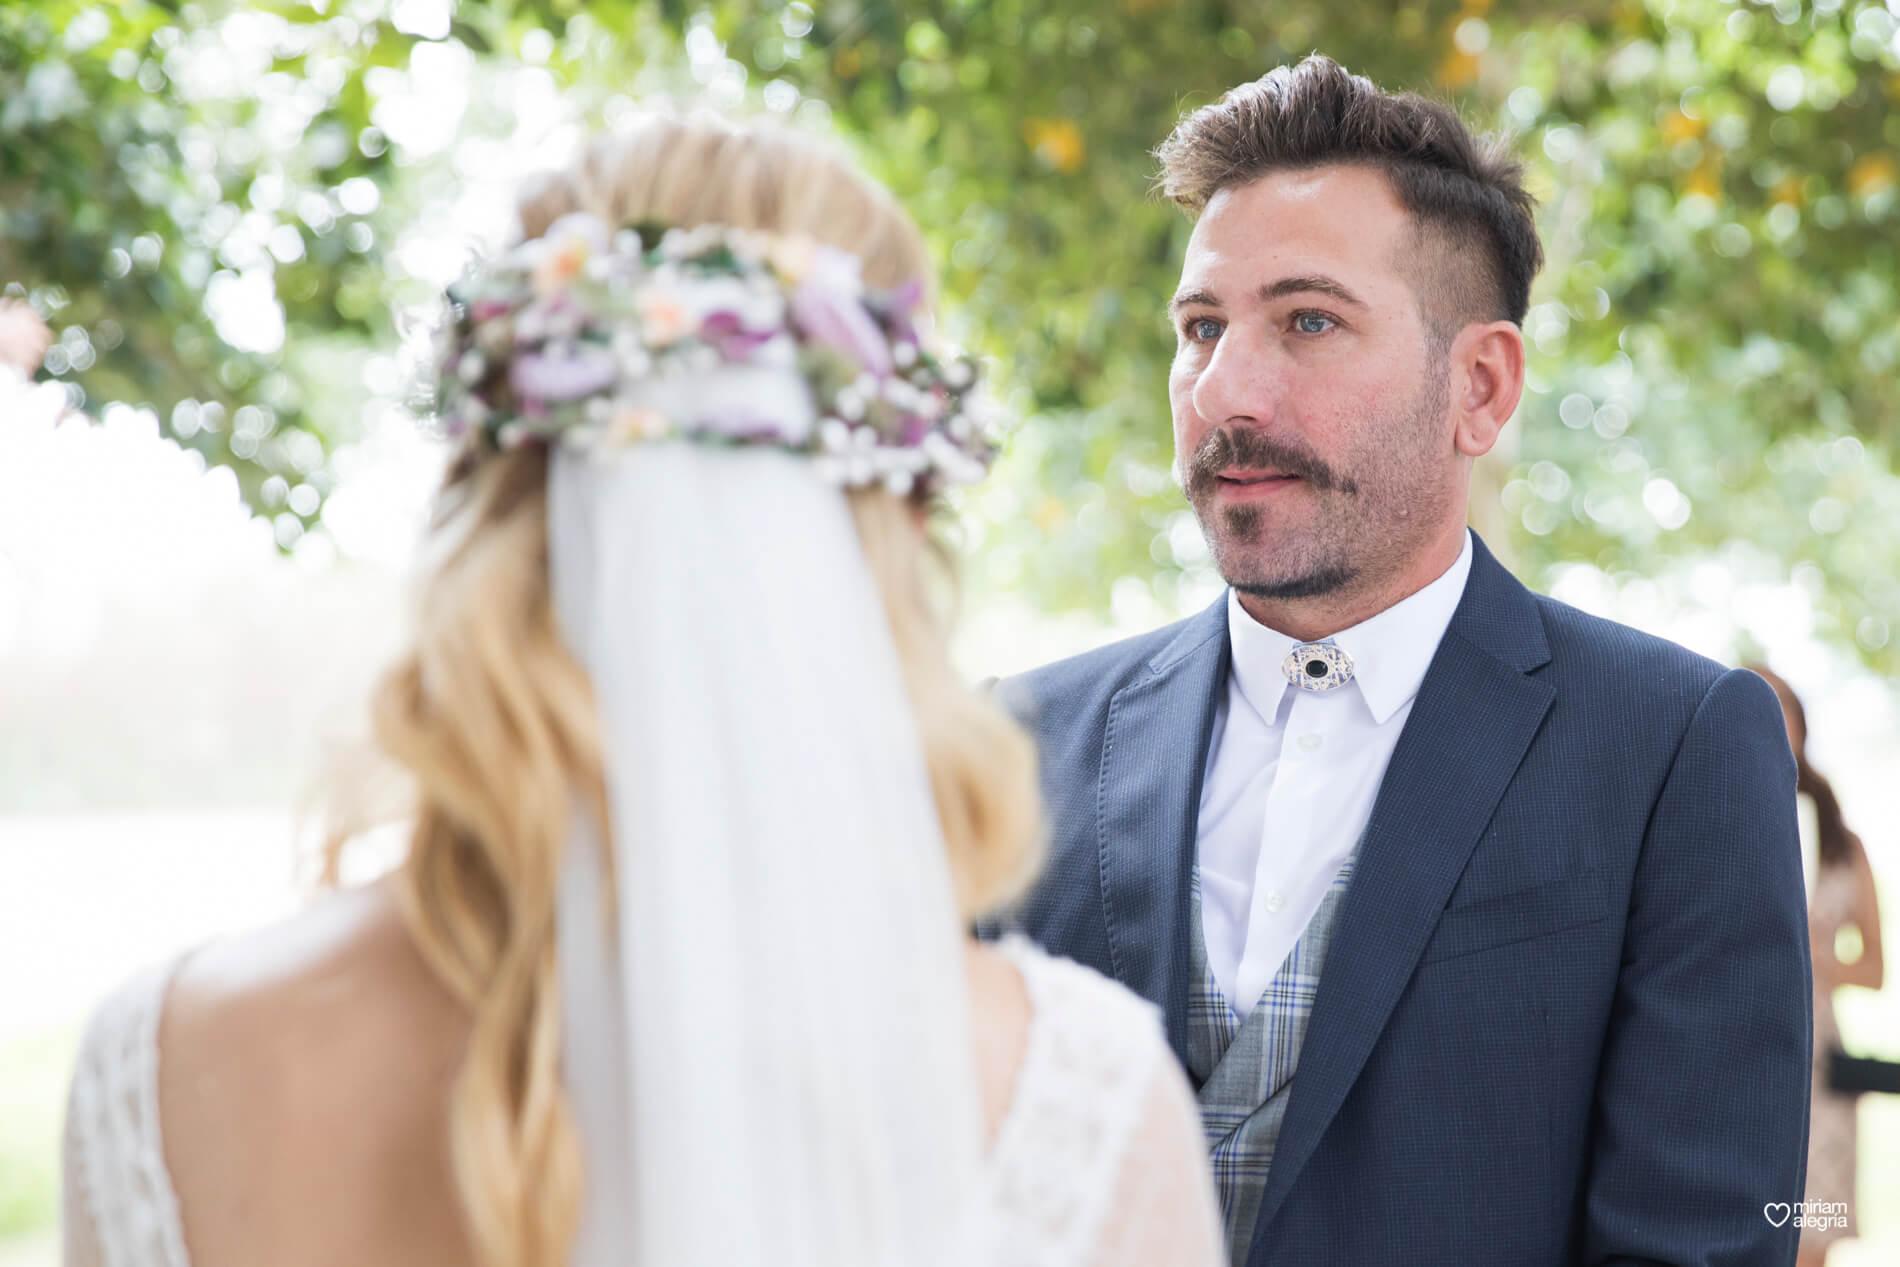 boda-en-finca-villa-vera-de-alemc7-miriam-alegria-fotografos-boda-murcia-61